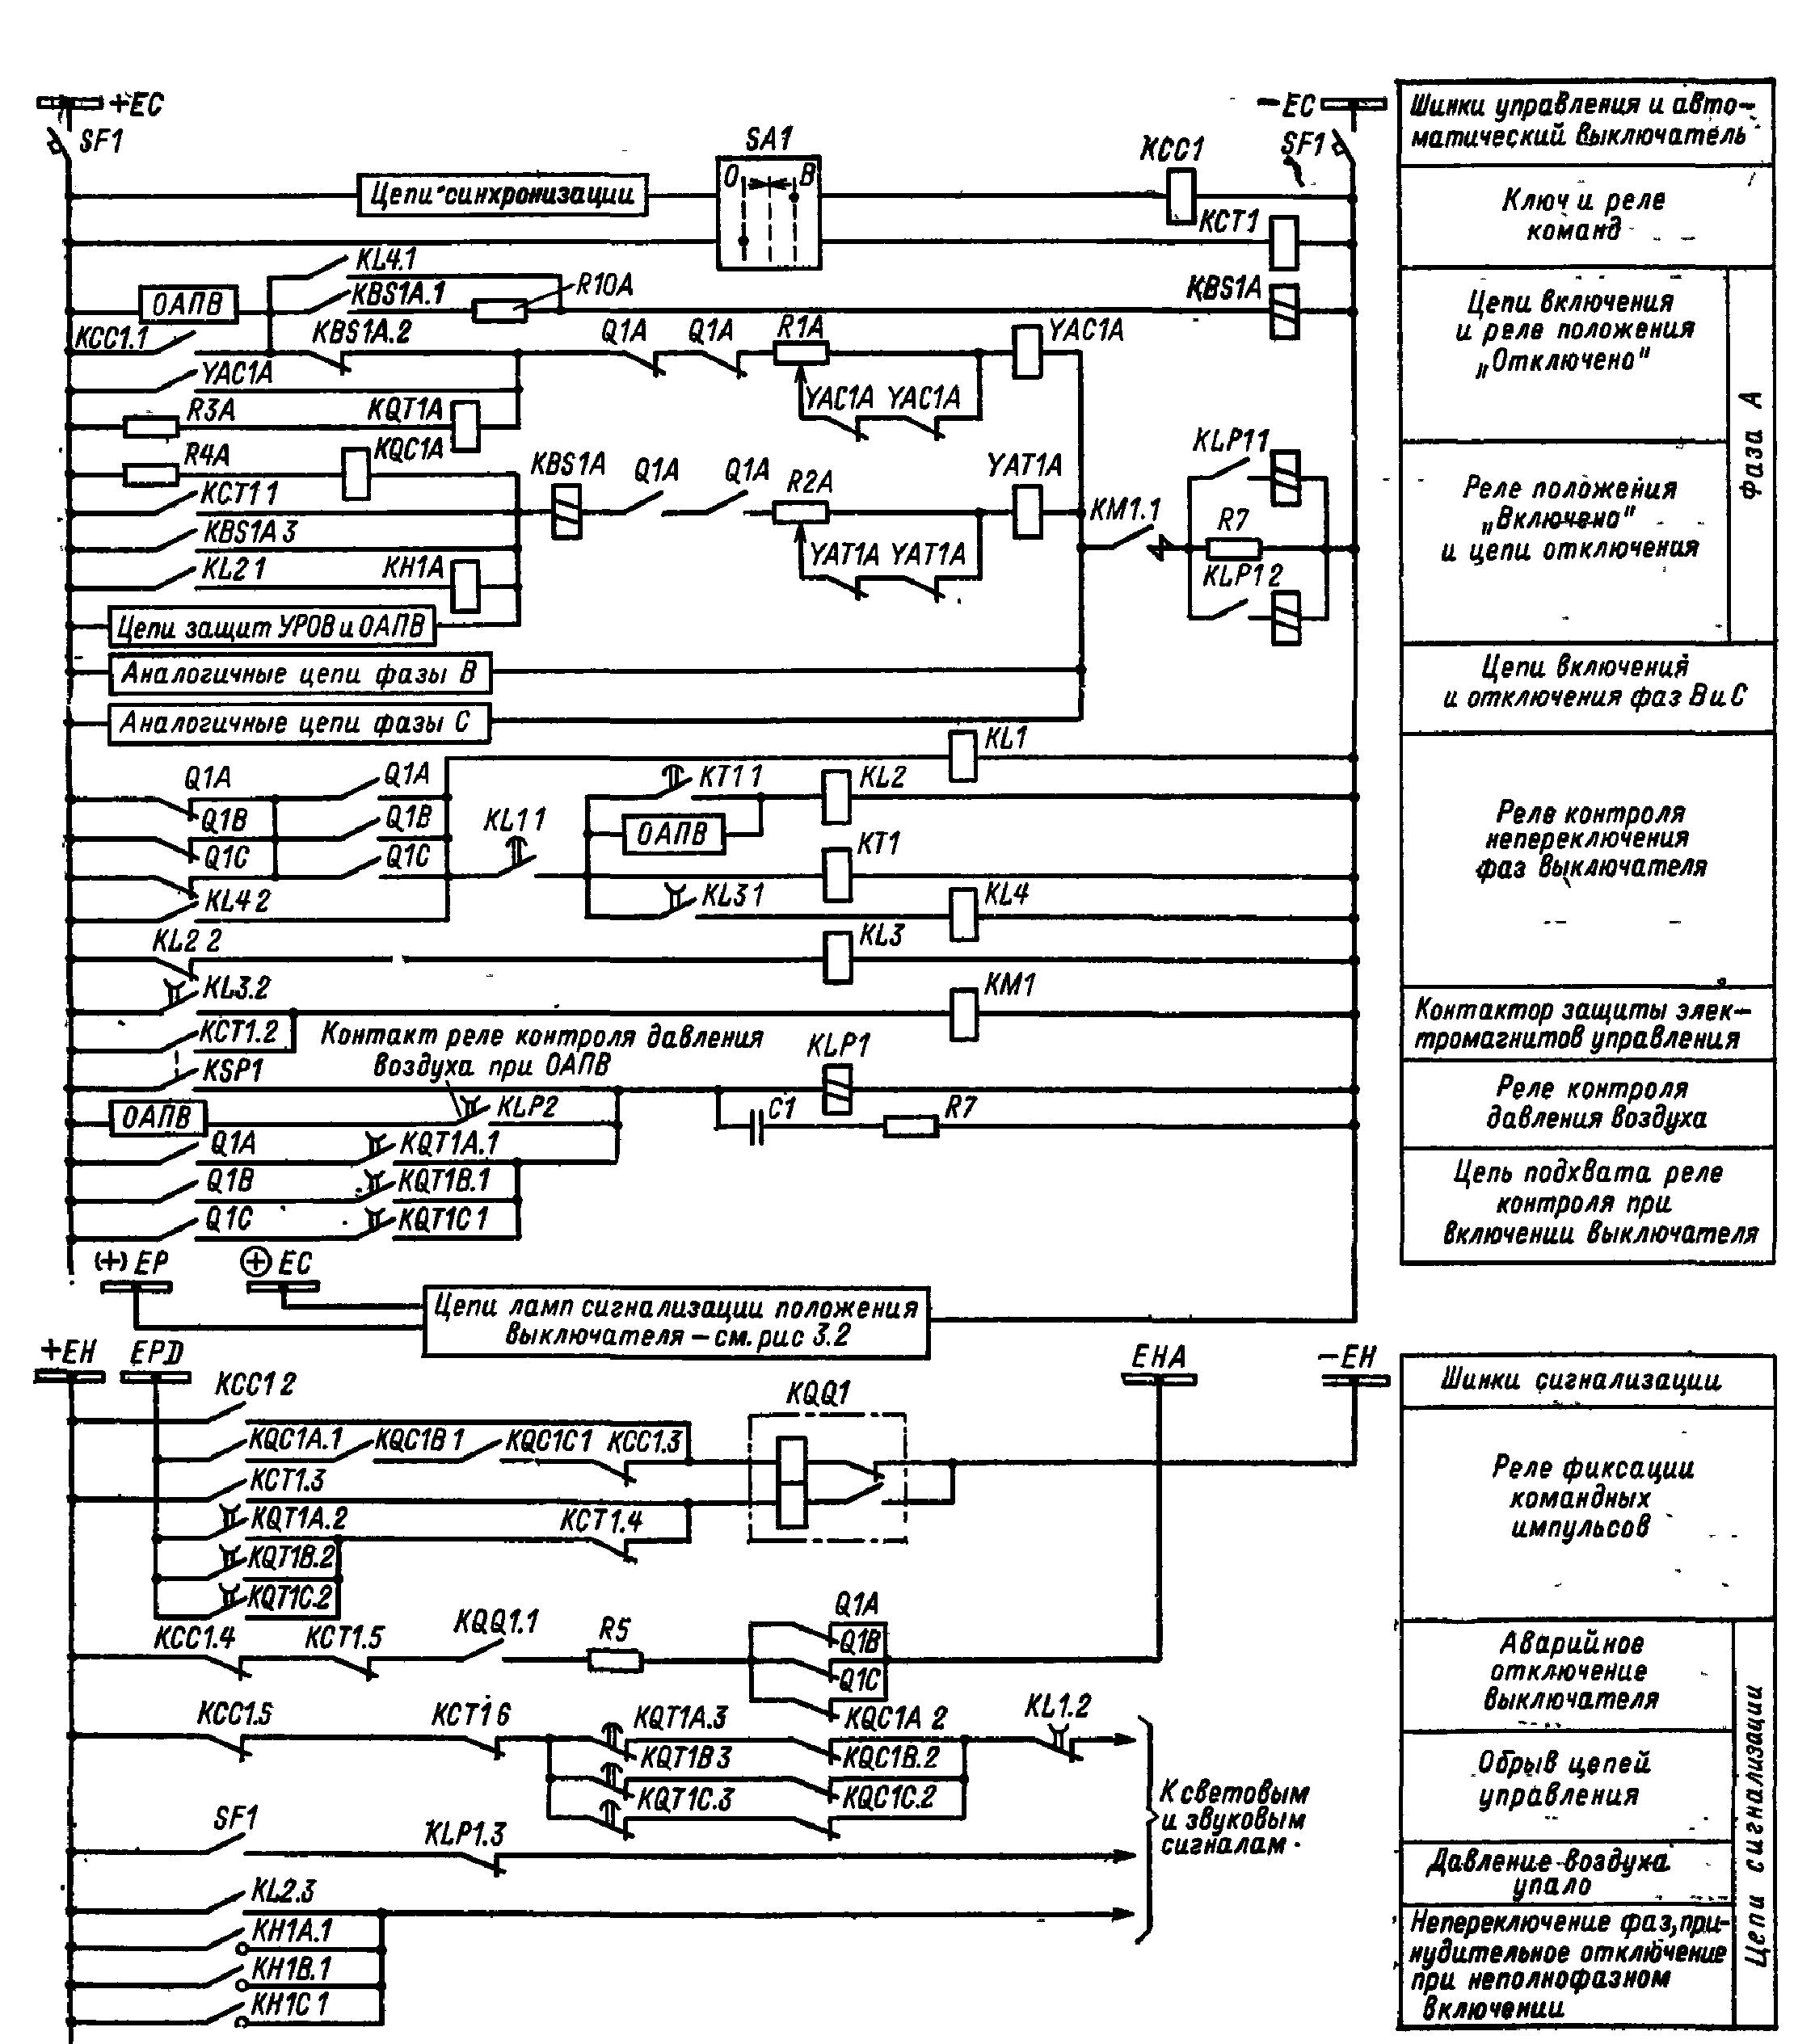 Схема управления воздушного выключателя с ОАПВ